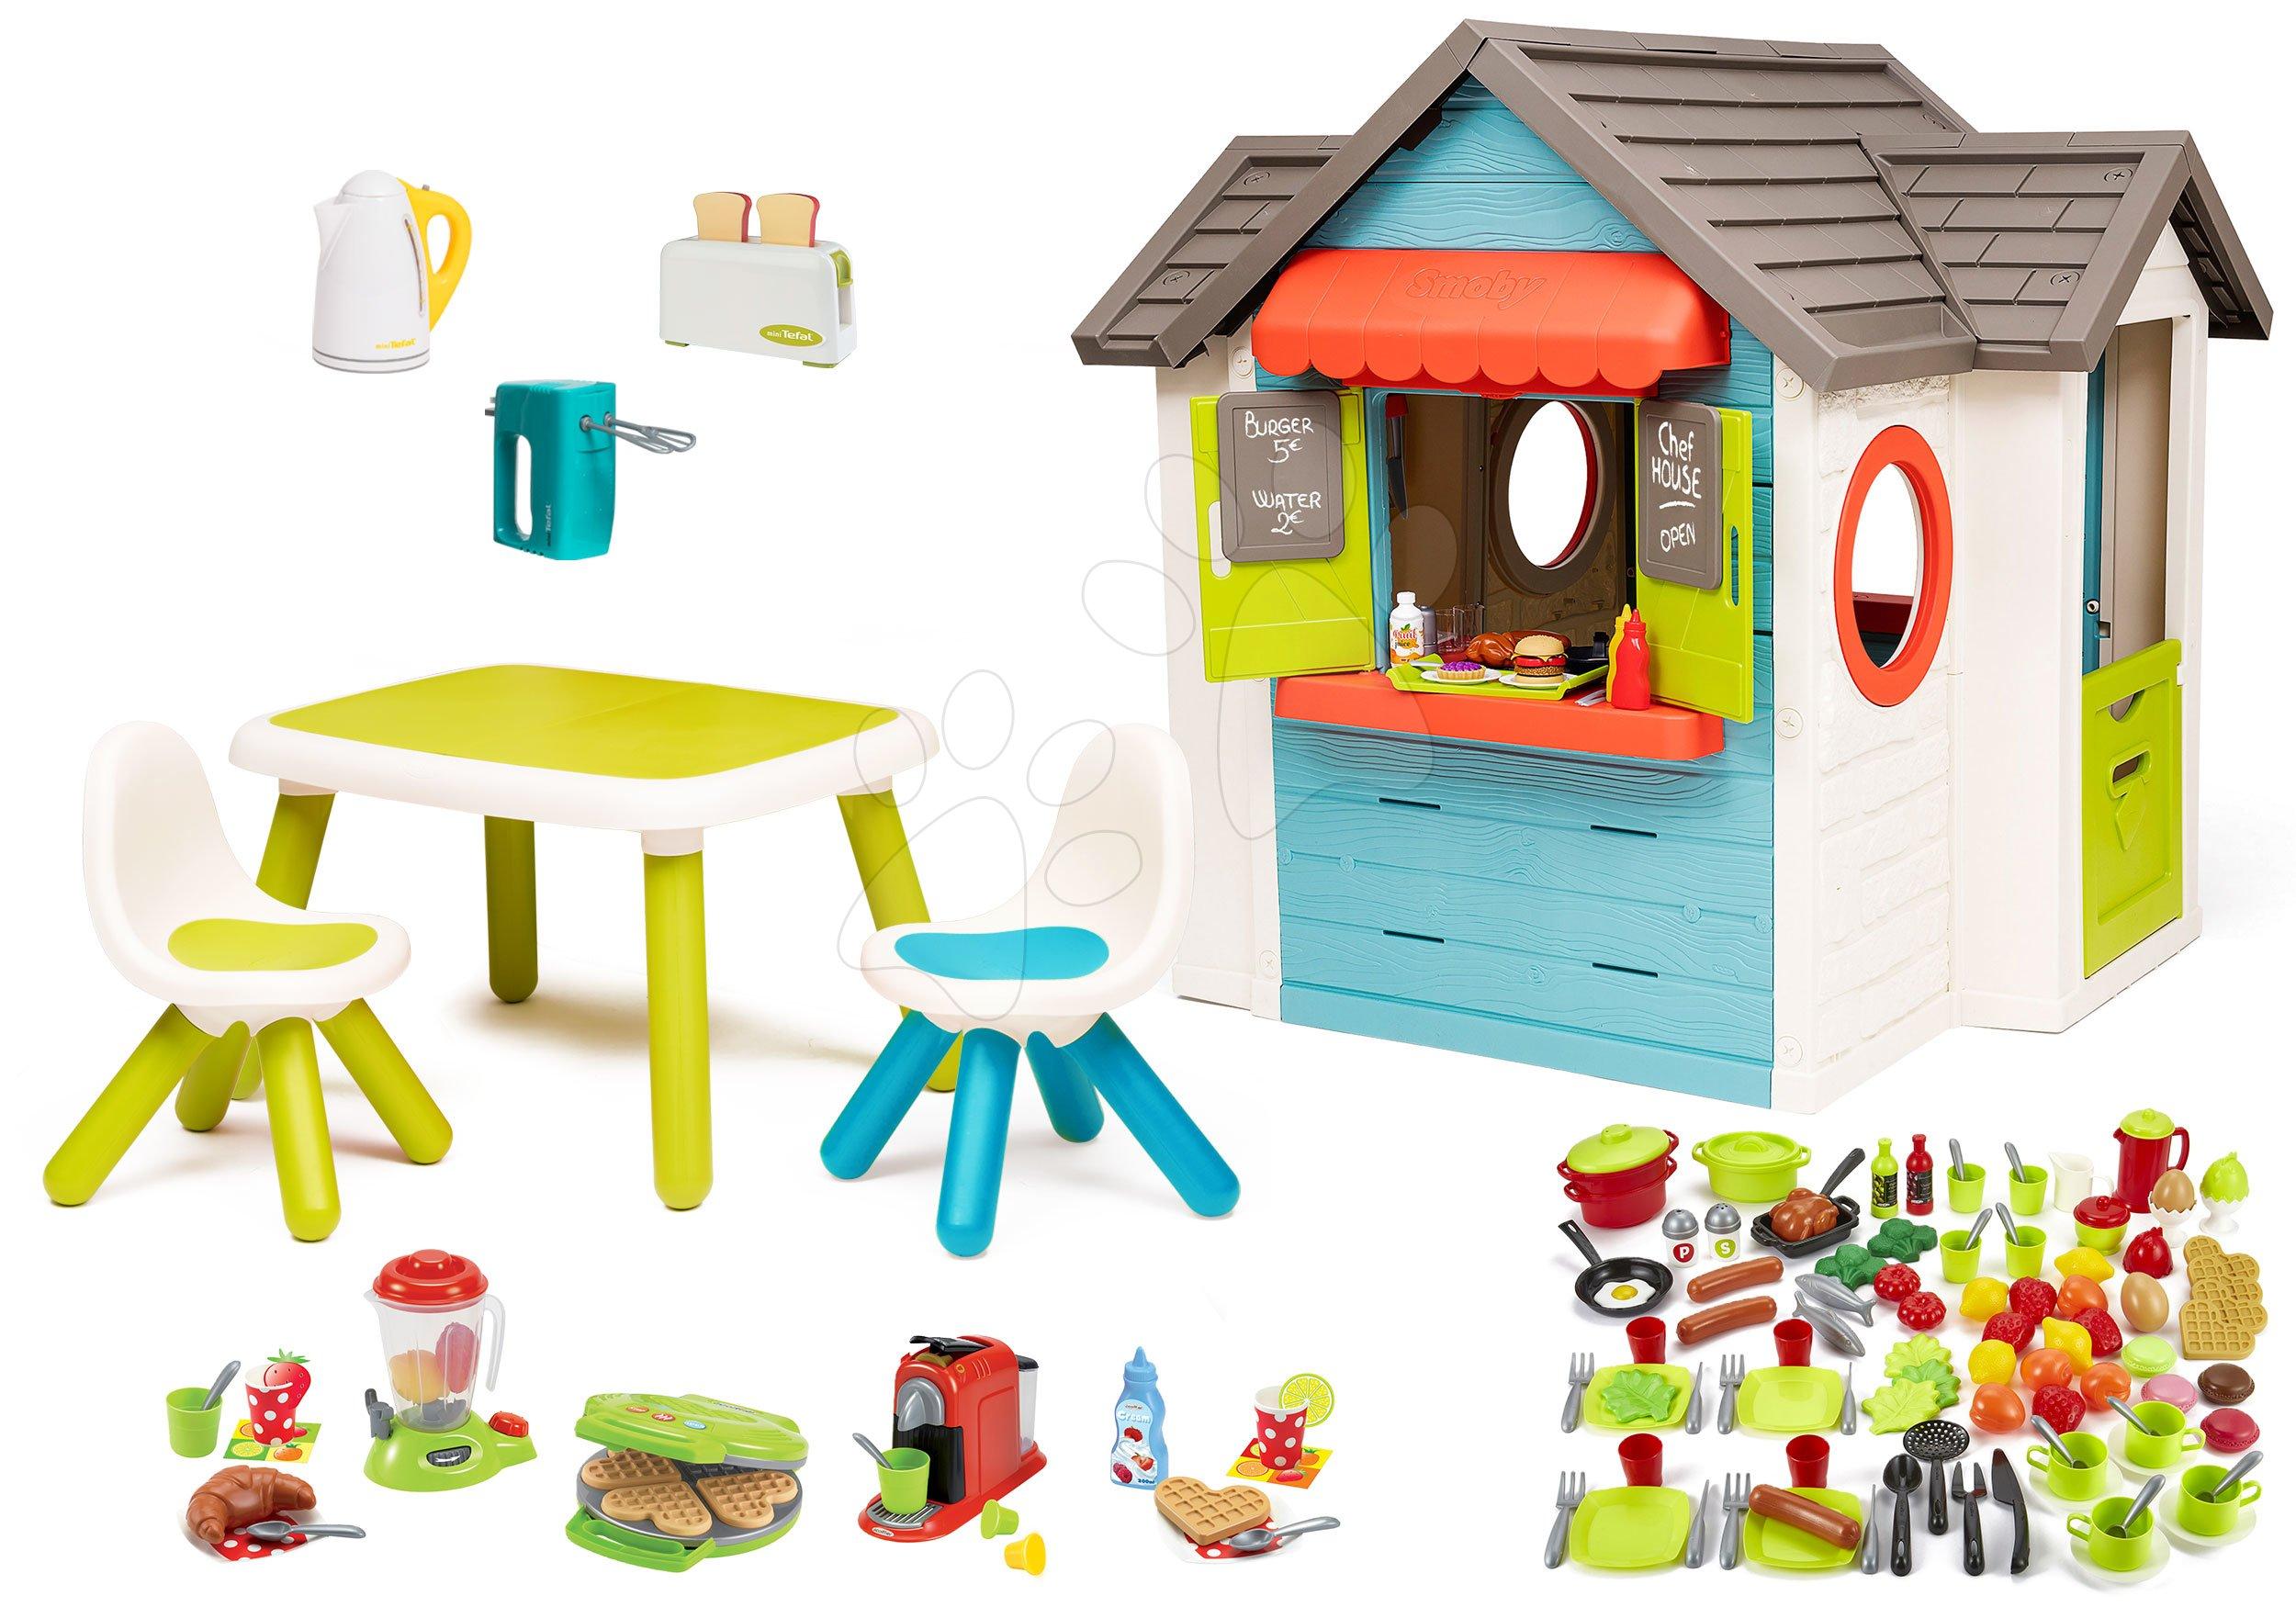 Set domček so záhradnou reštauráciou Chef House DeLuxe Smoby a so stolom a stoličkami a spotrebiče s potravinami